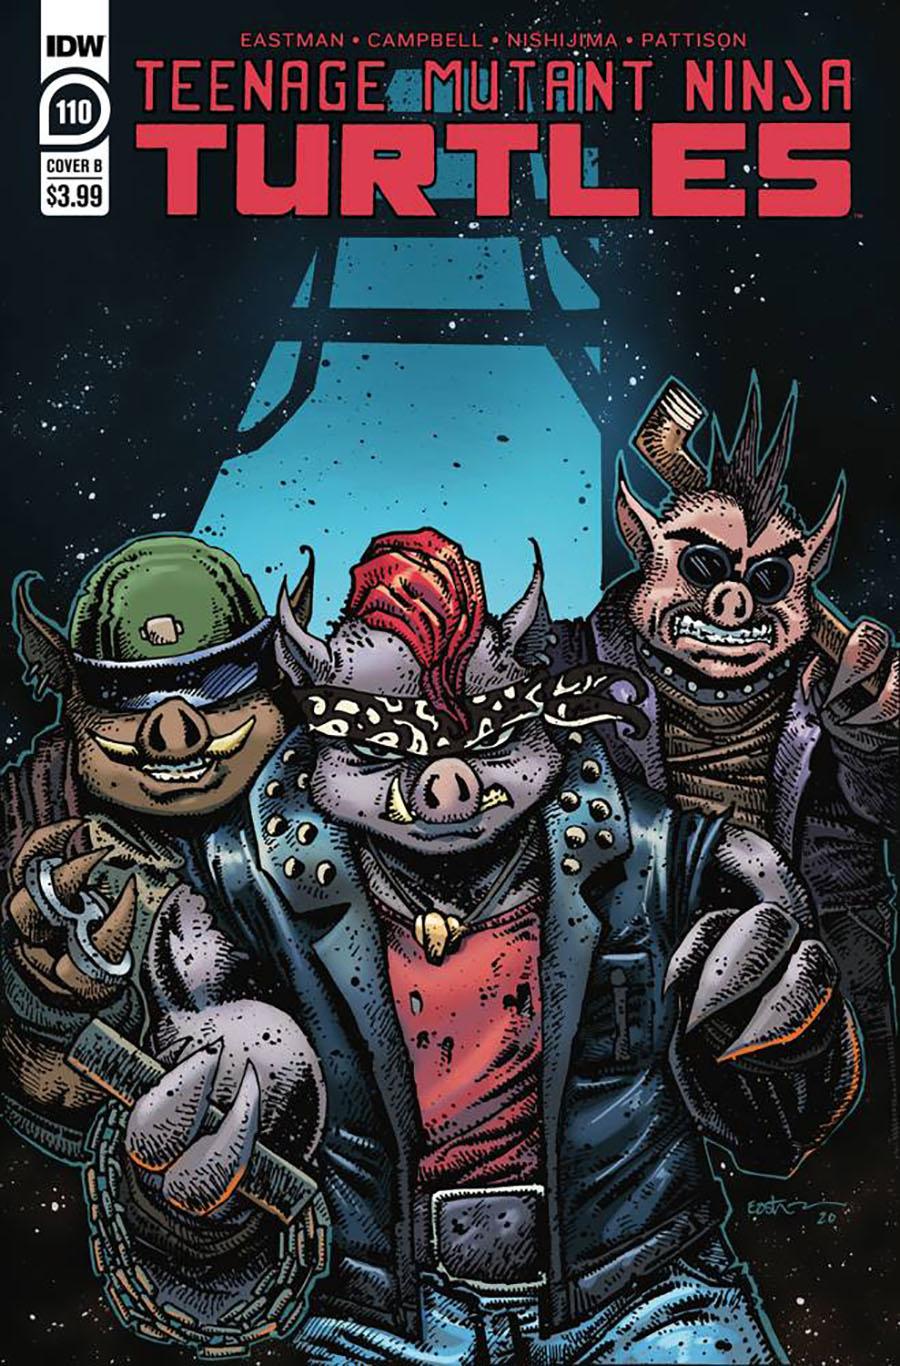 Teenage Mutant Ninja Turtles Vol 5 #110 Cover B Variant Kevin Eastman Cover